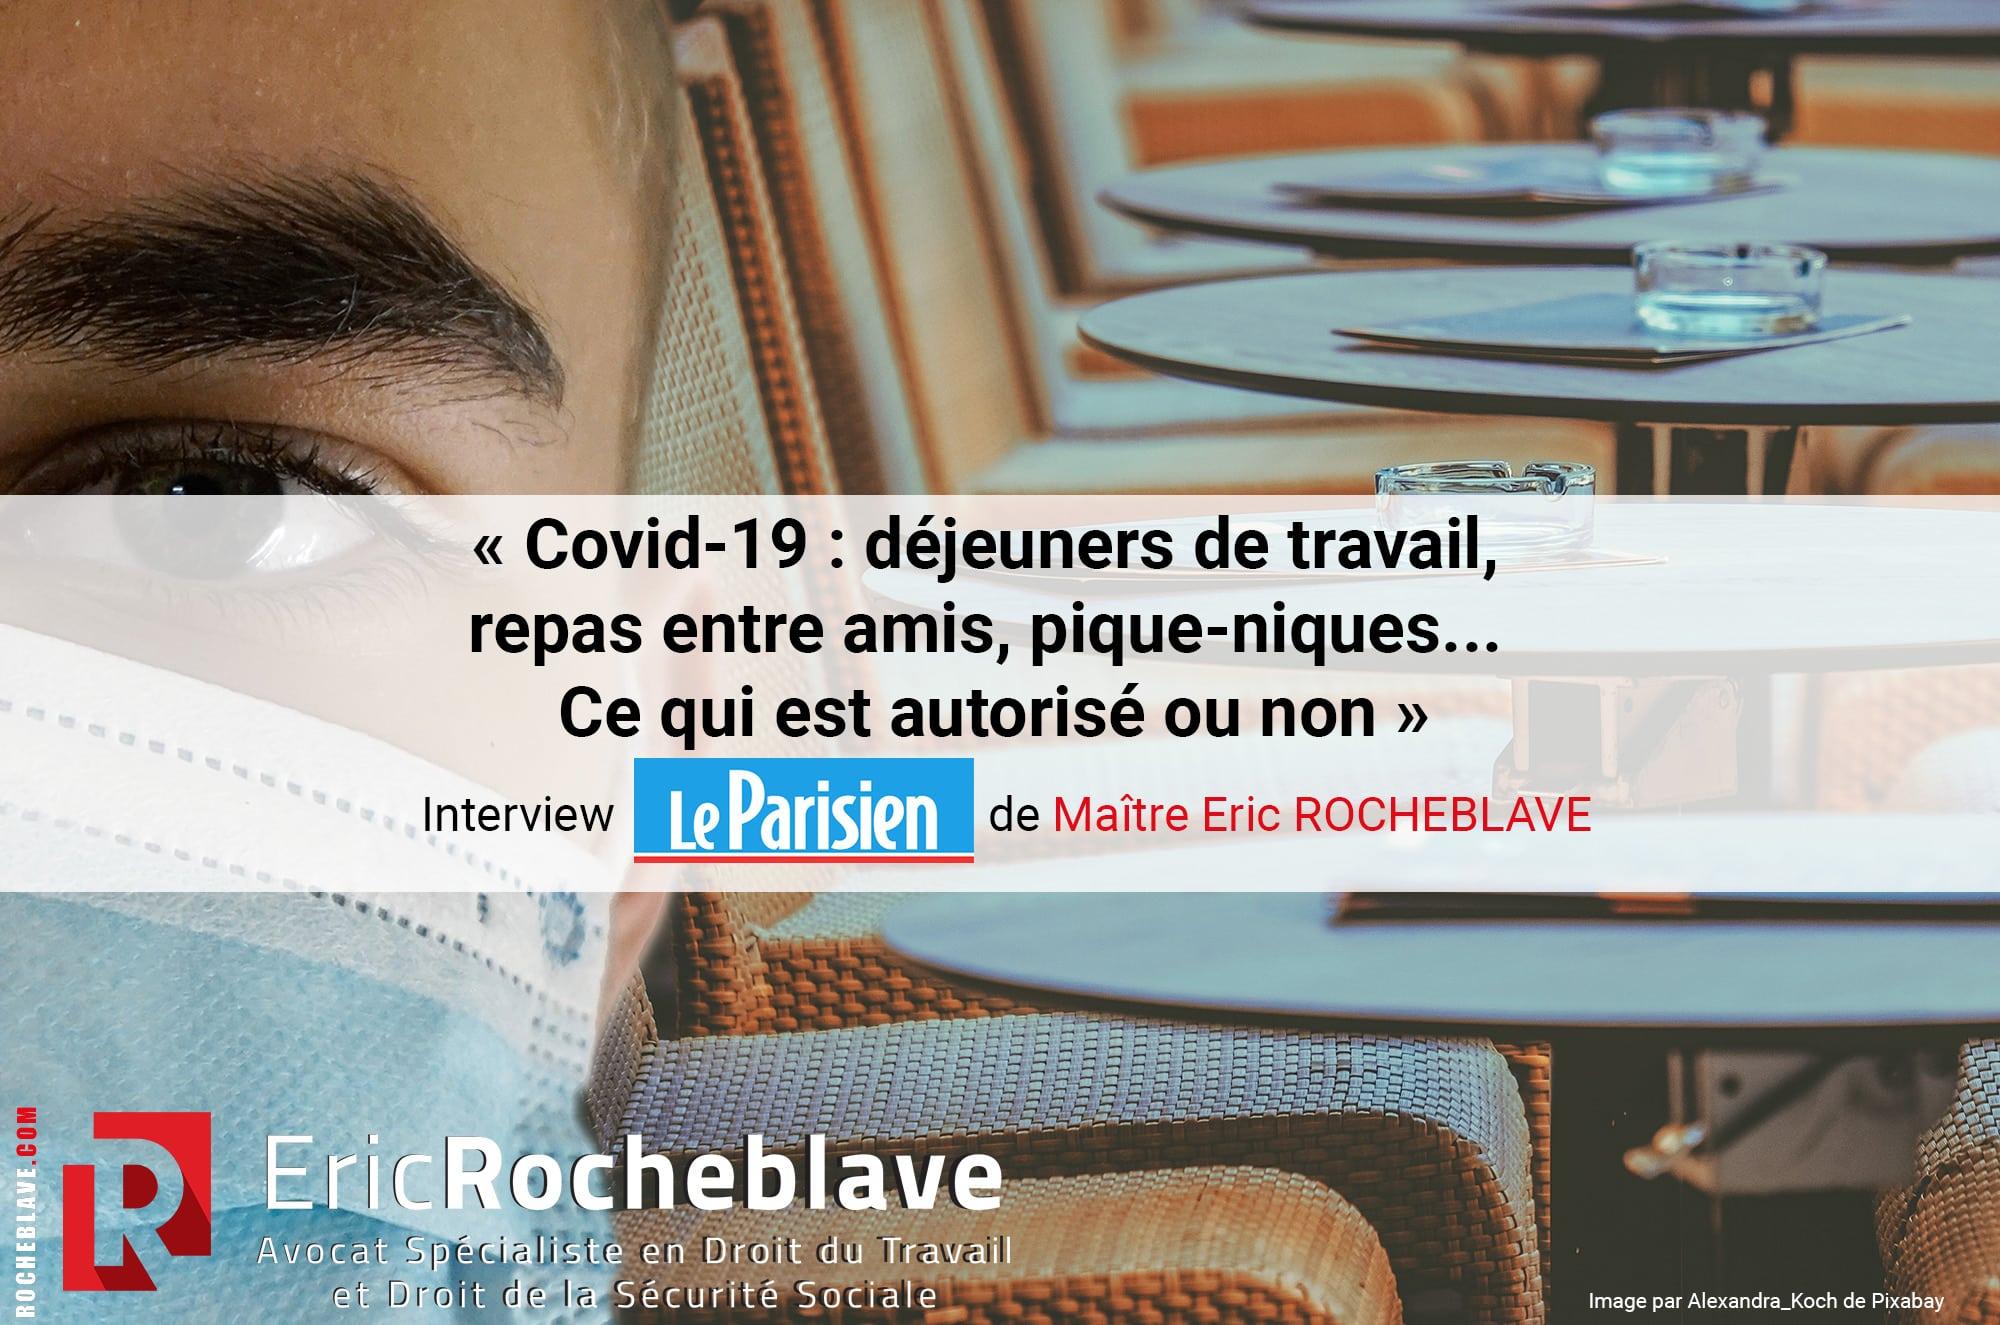 « Covid-19 : déjeuners de travail, repas entre amis, pique-niques... Ce qui est autorisé ou non » Interview Le Parisien de Maître Eric ROCHEBLAVE